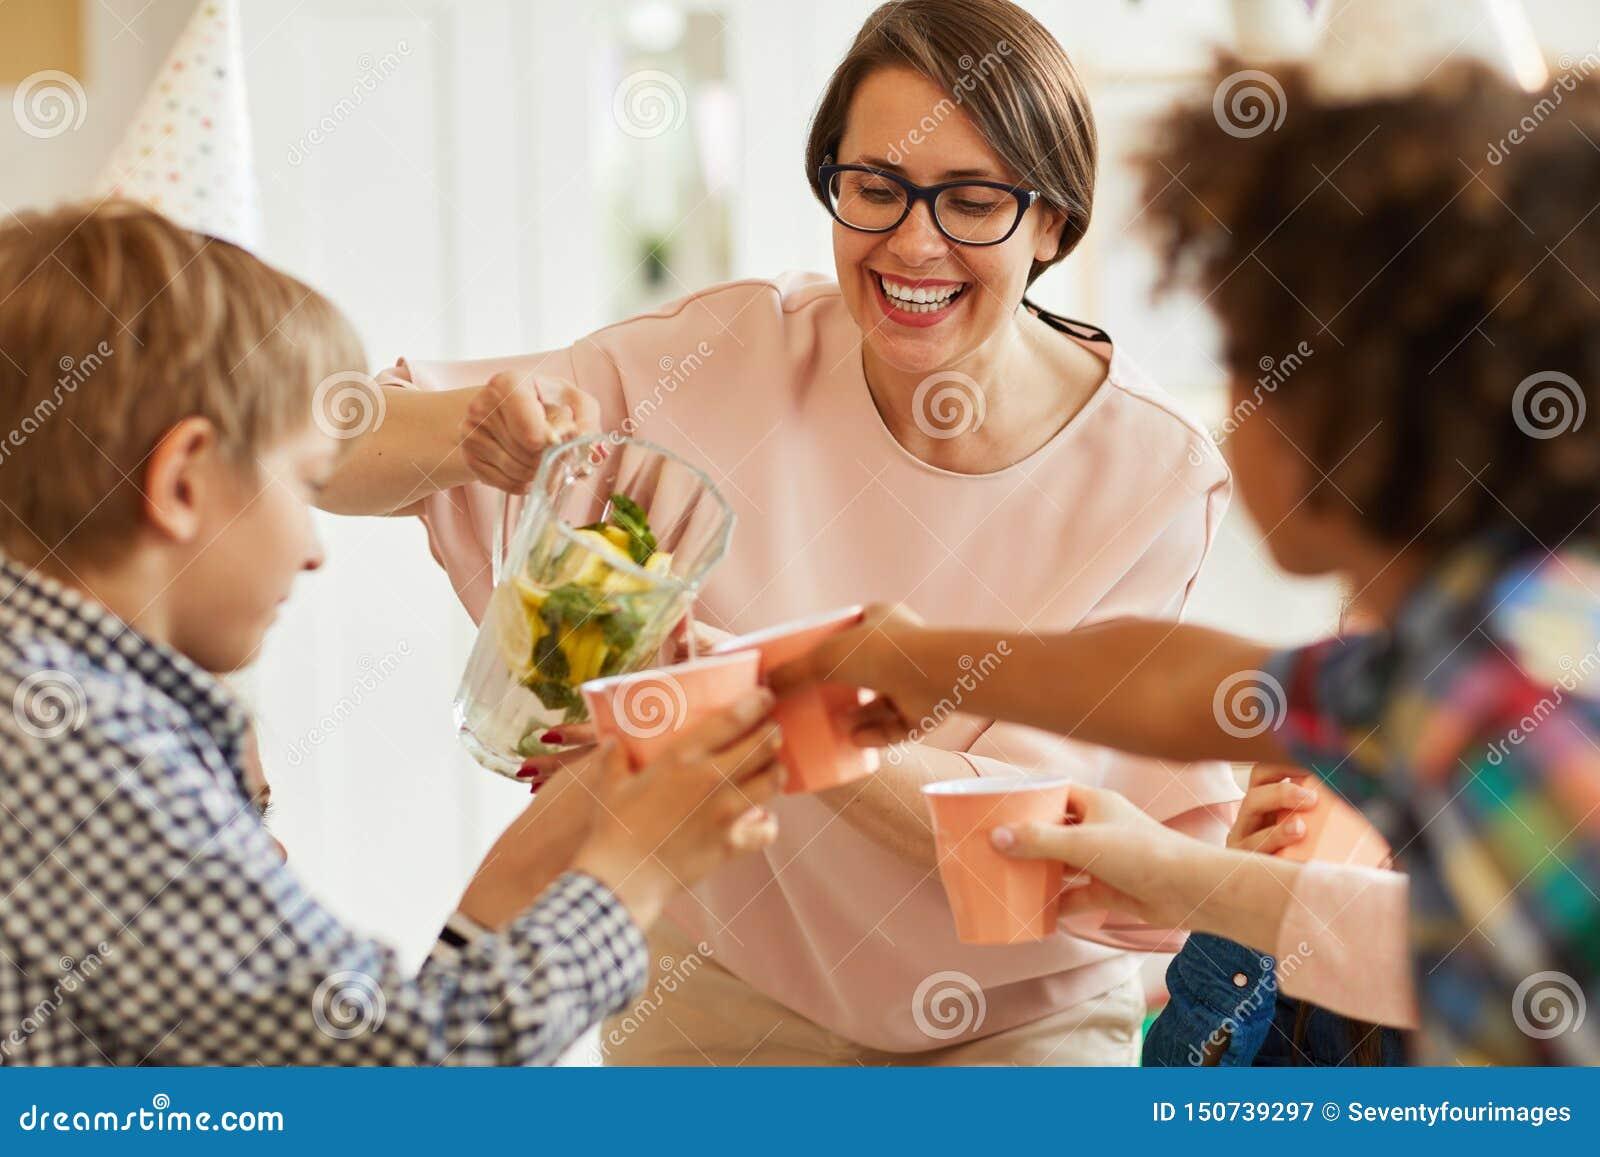 Limonada para los niños